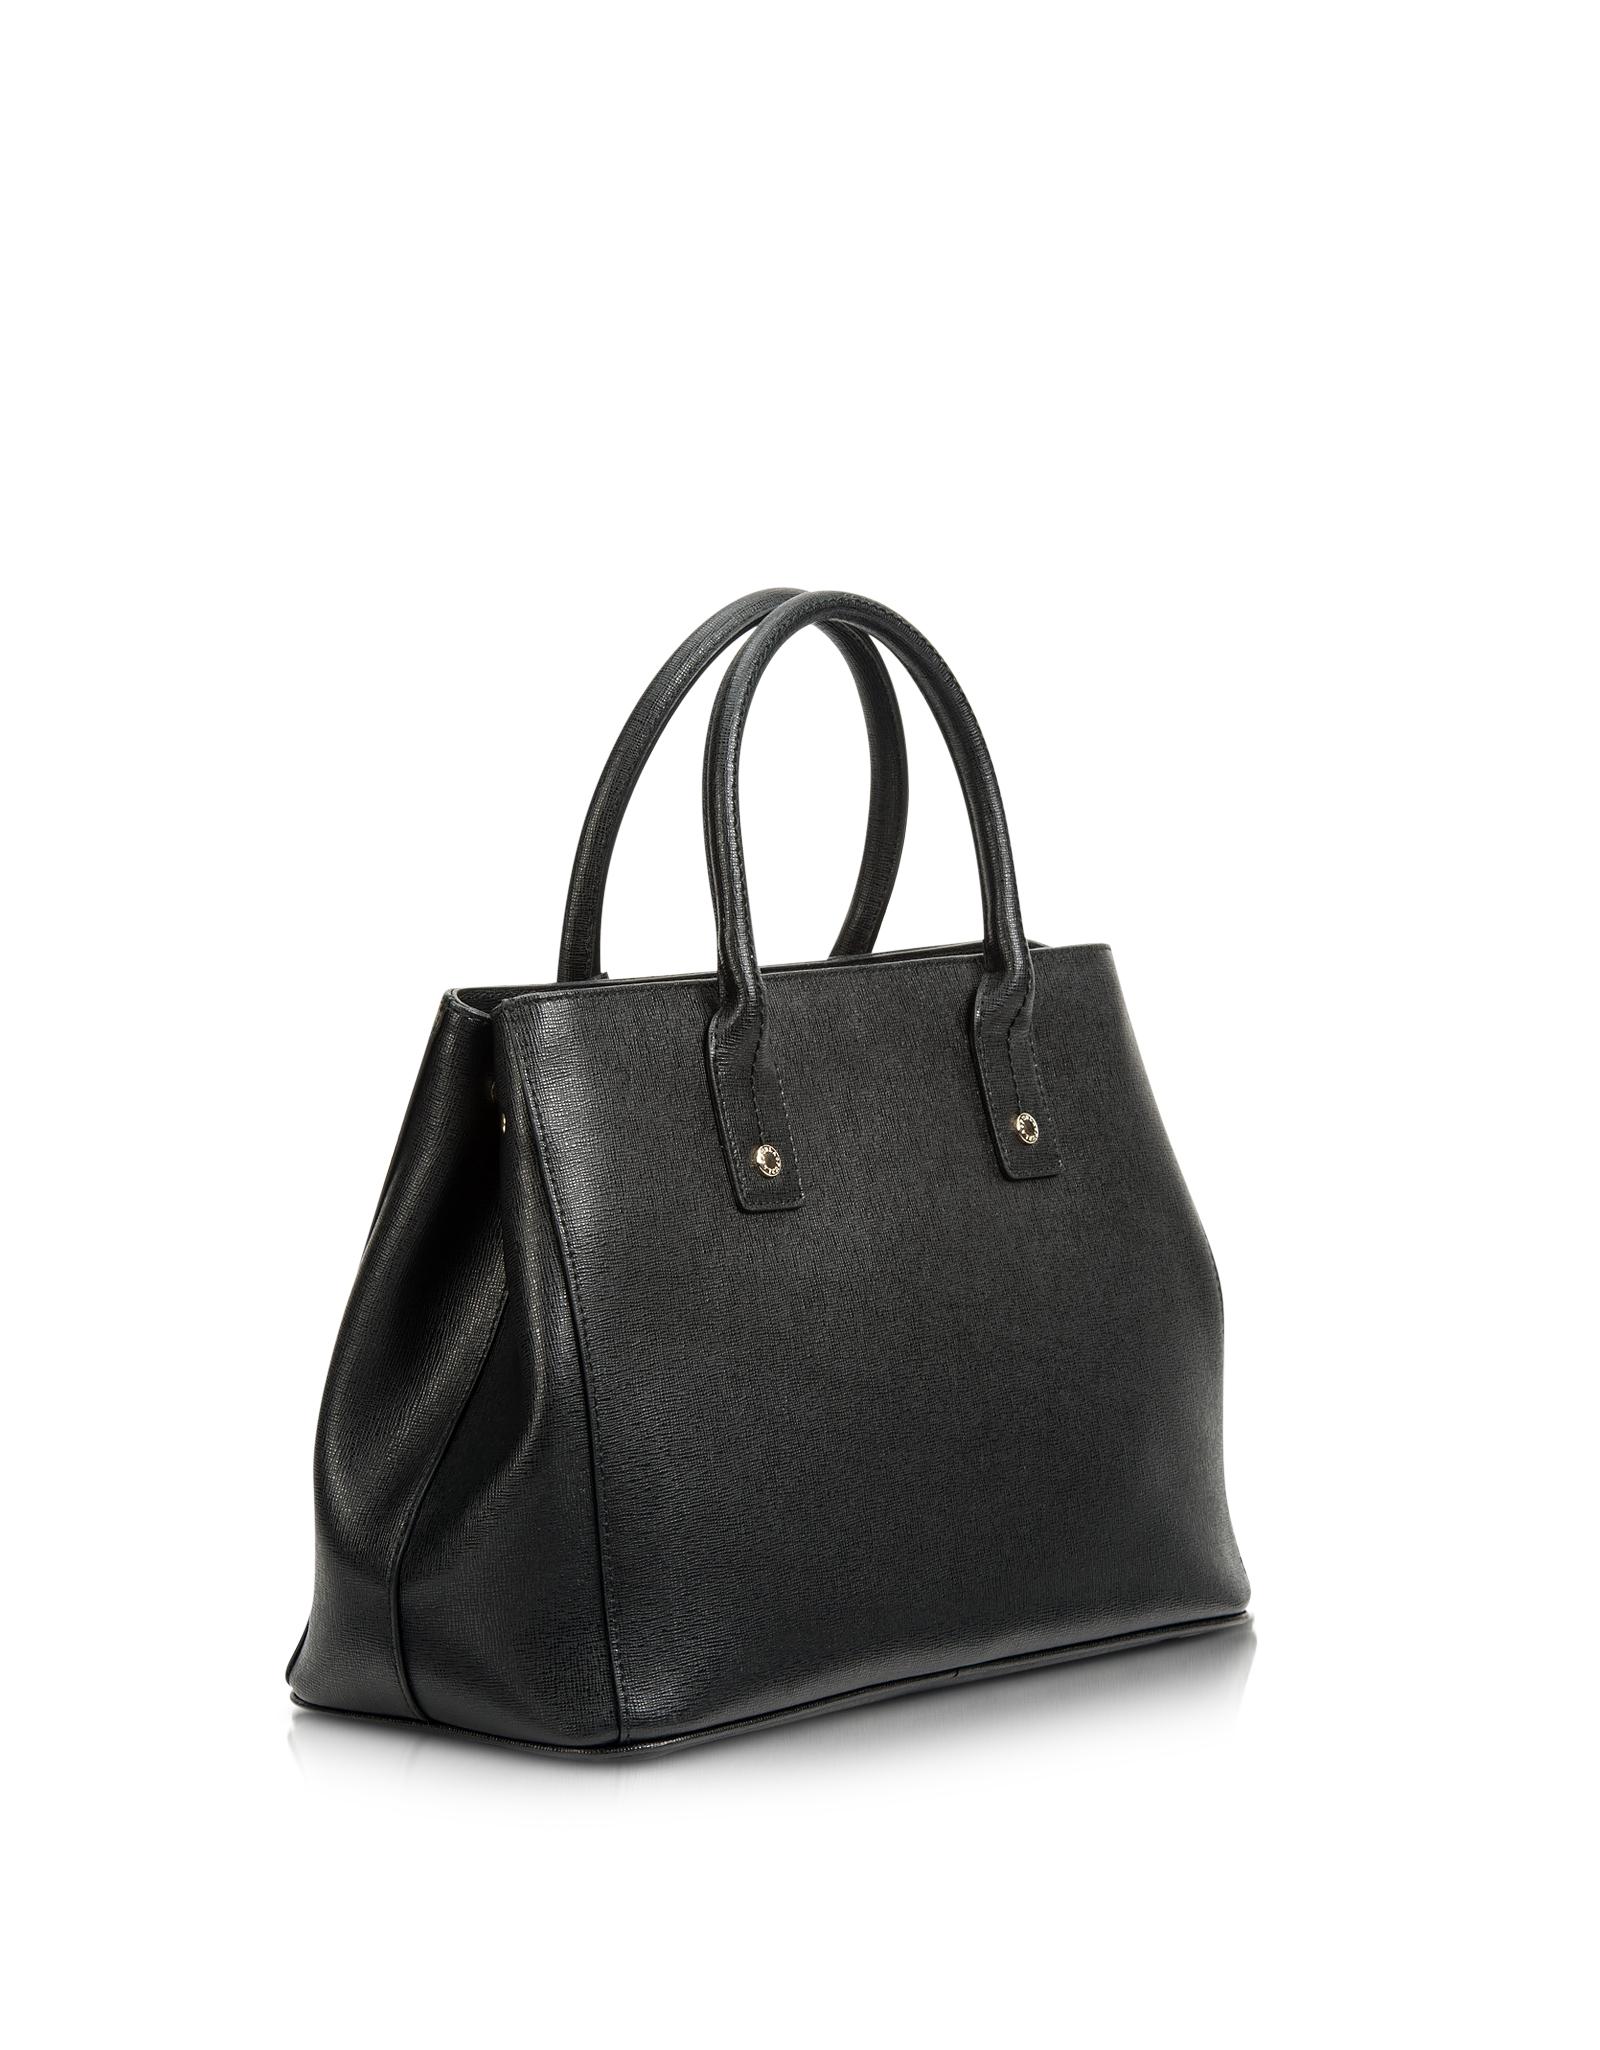 8340bc1cf72a Lyst - Furla Linda Onyx Saffiano Leather Small Tote in Black